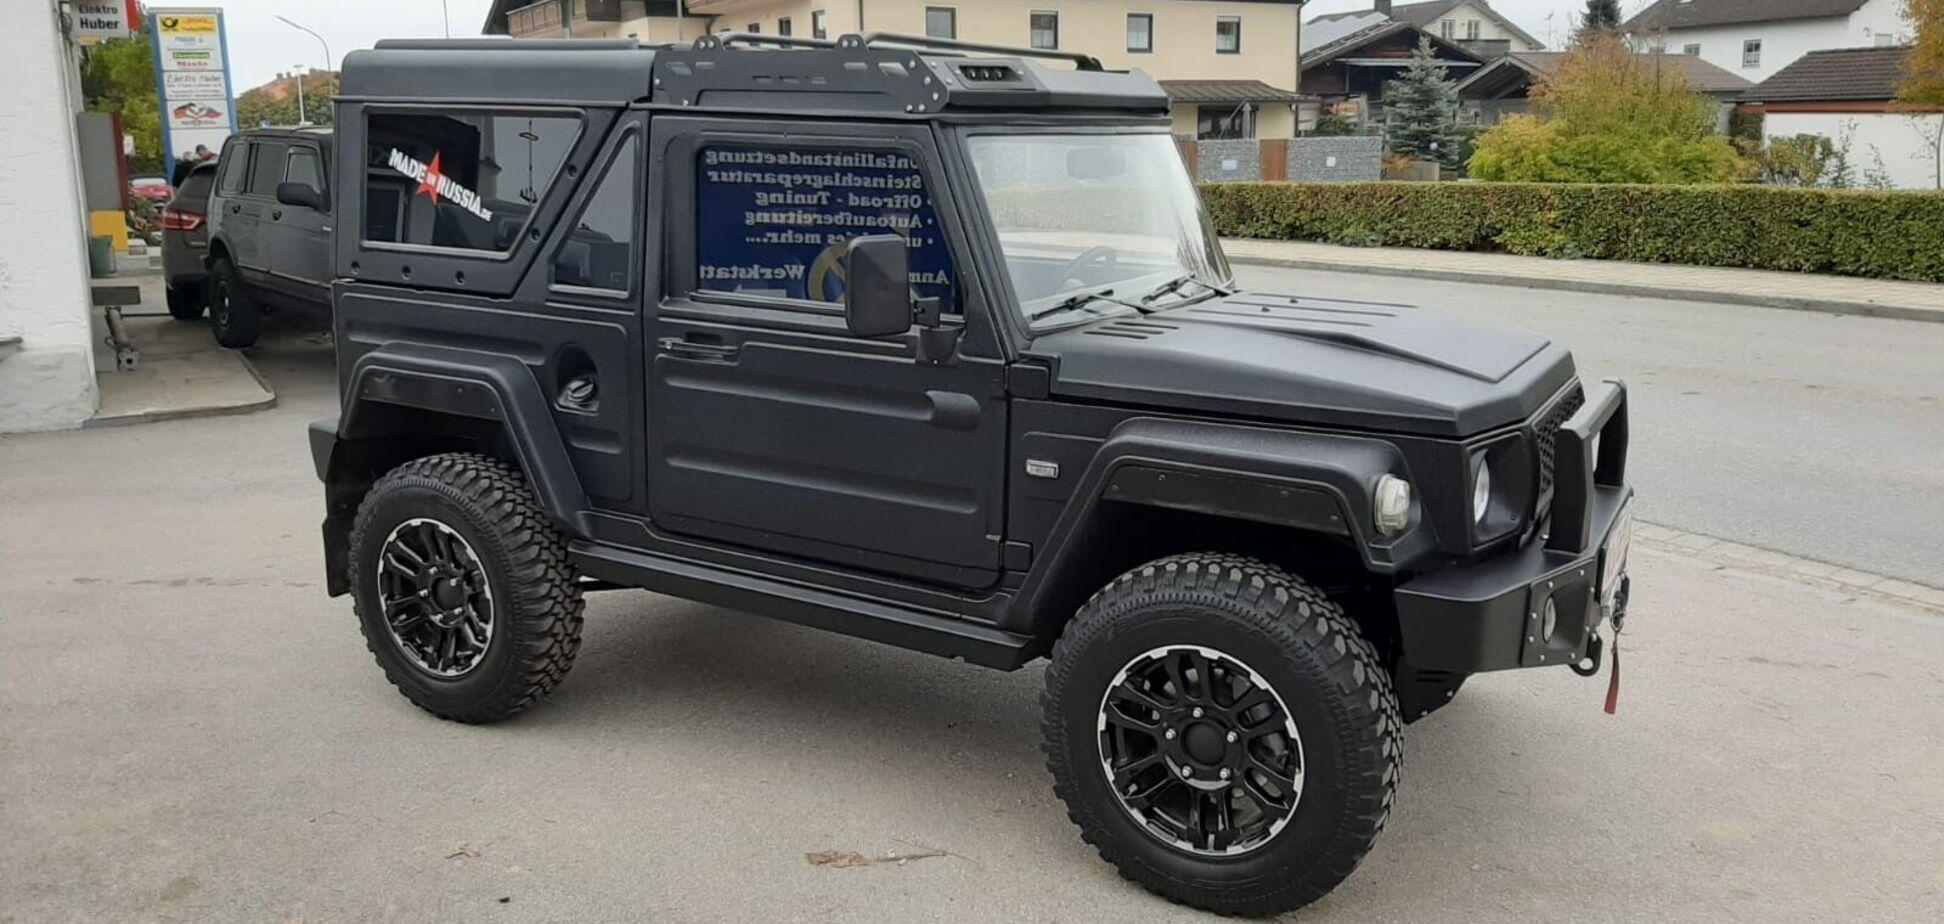 Пластиковий російський позашляховик продають у Німеччині за 19 990 євро